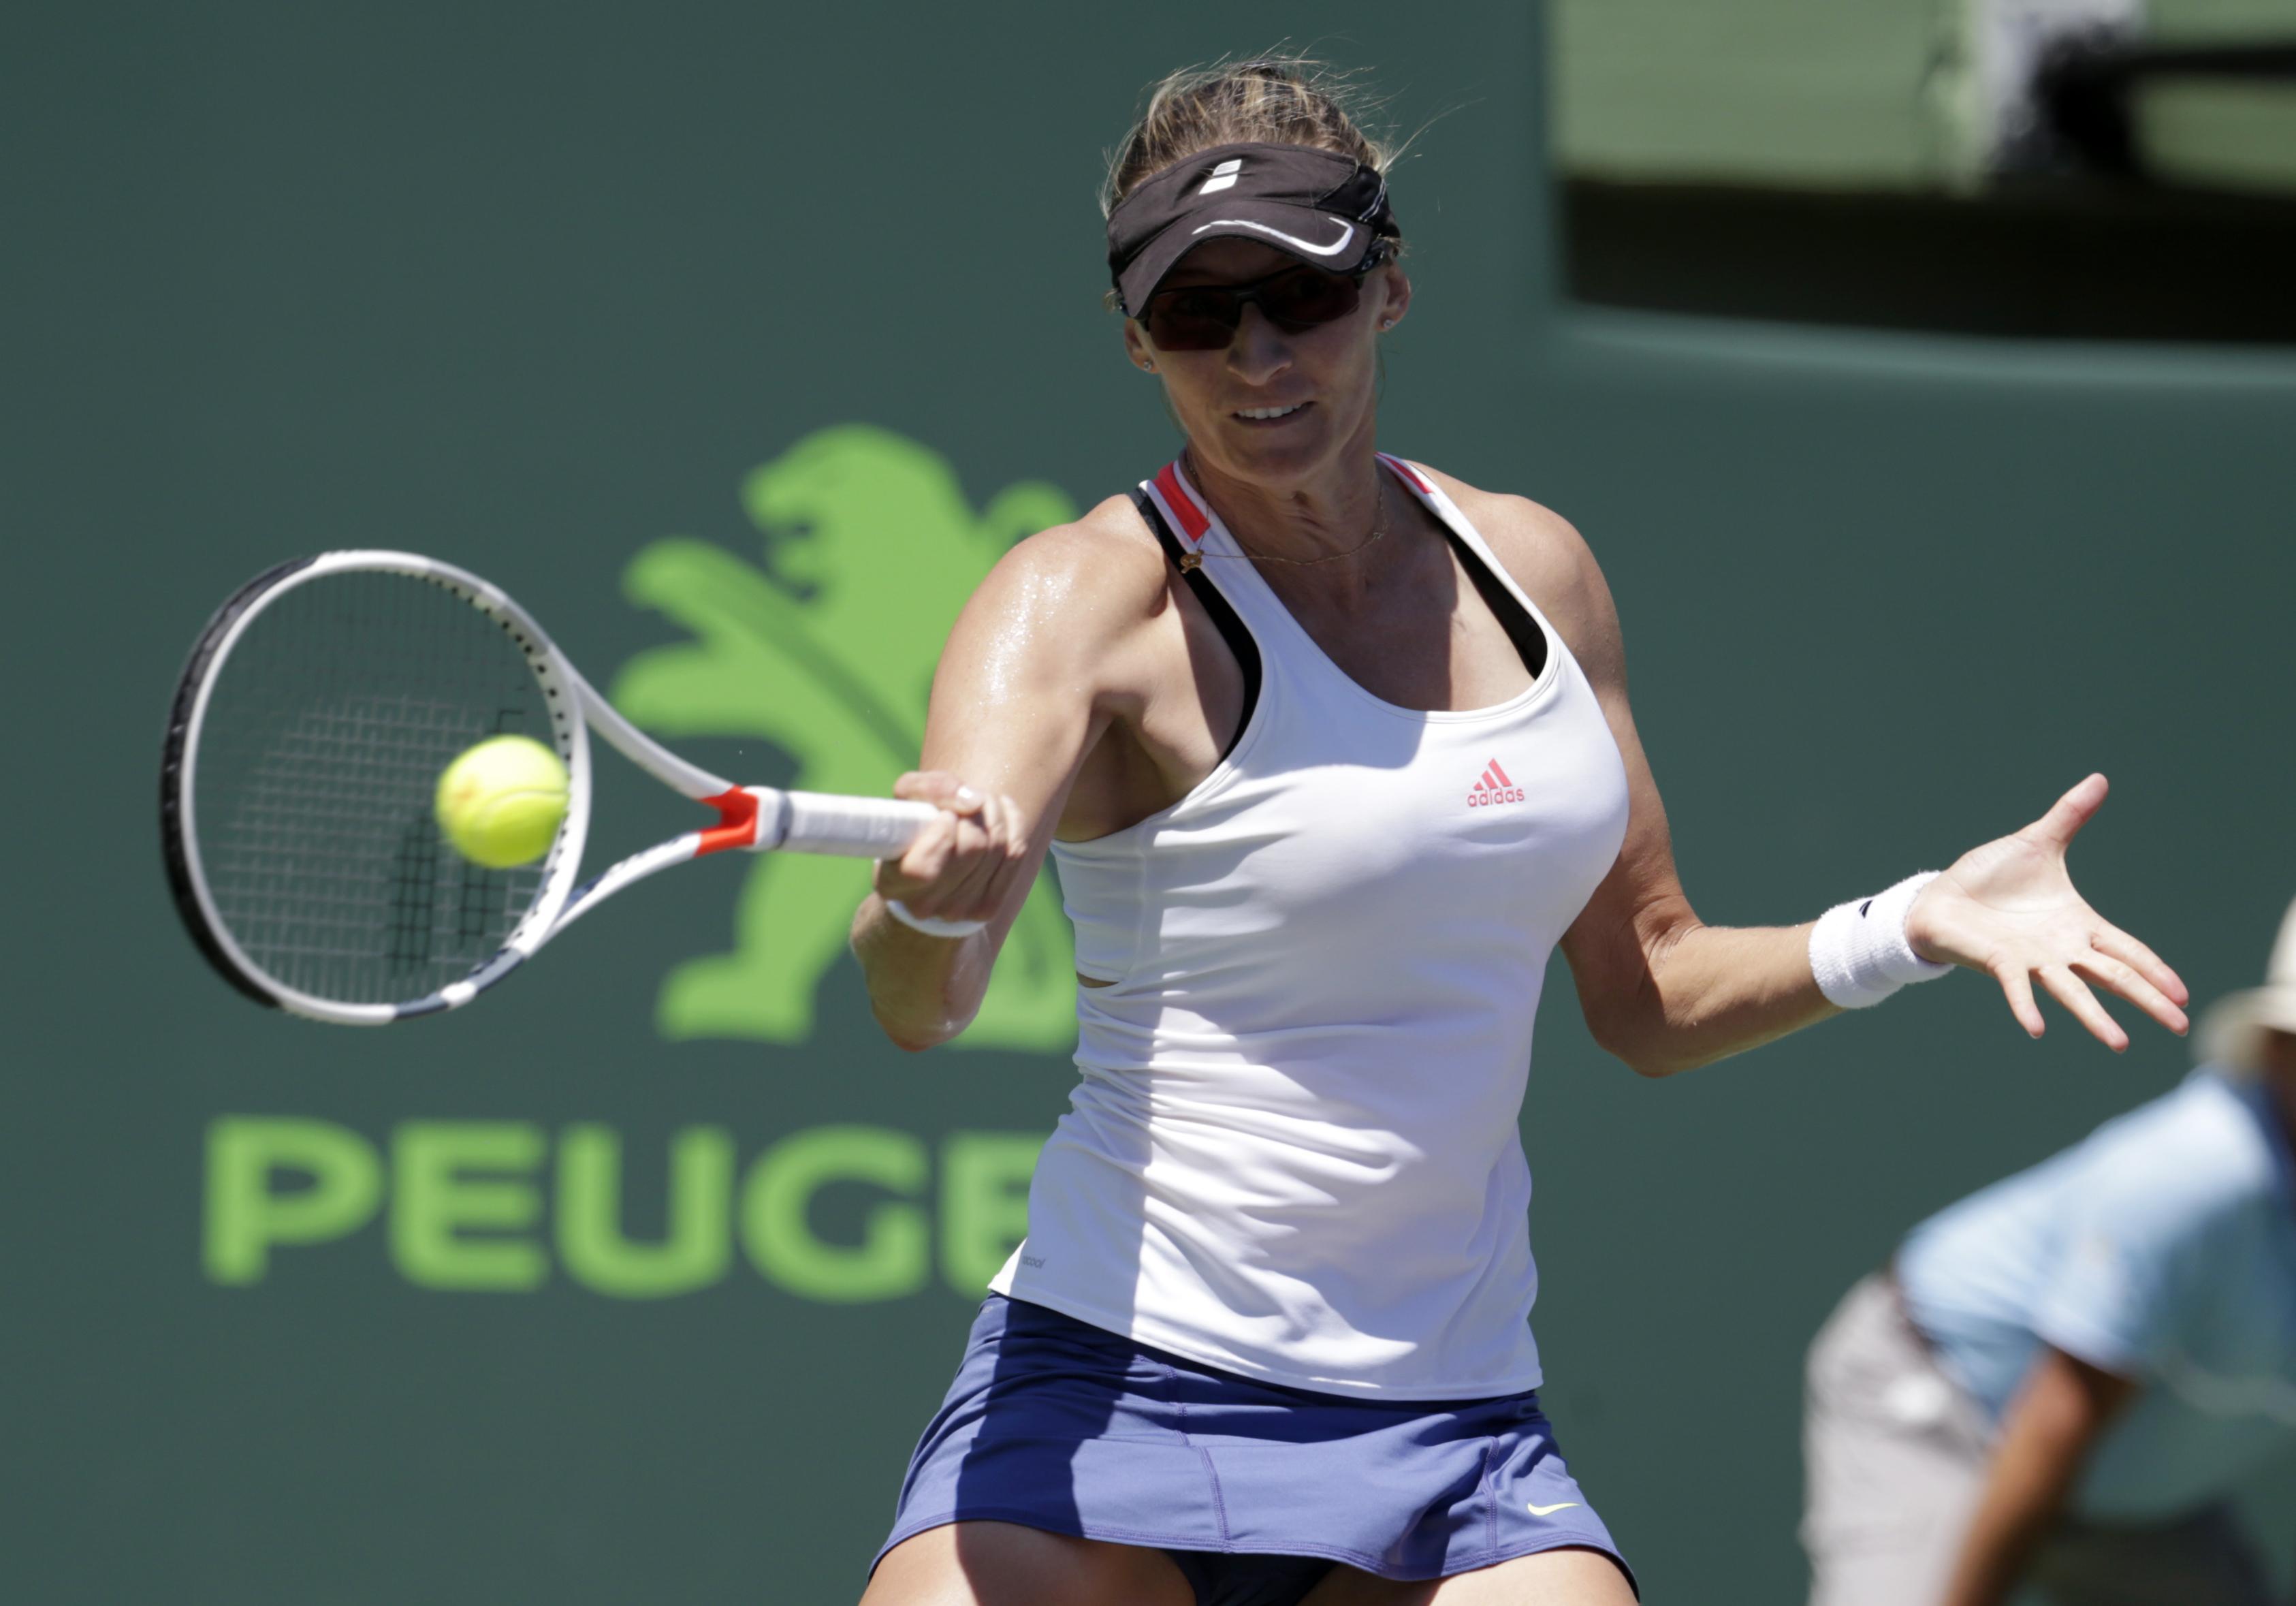 Mirjana Lucic-Baroni, of Croatia, hits a return to Carolina Pliskova during the Miami Open tennis tournament, Tuesday, March 28, 2017, in Key Biscayne, Fla. Pliskova won 6-3, 6-4. (AP Photo/Lynne Sladky)